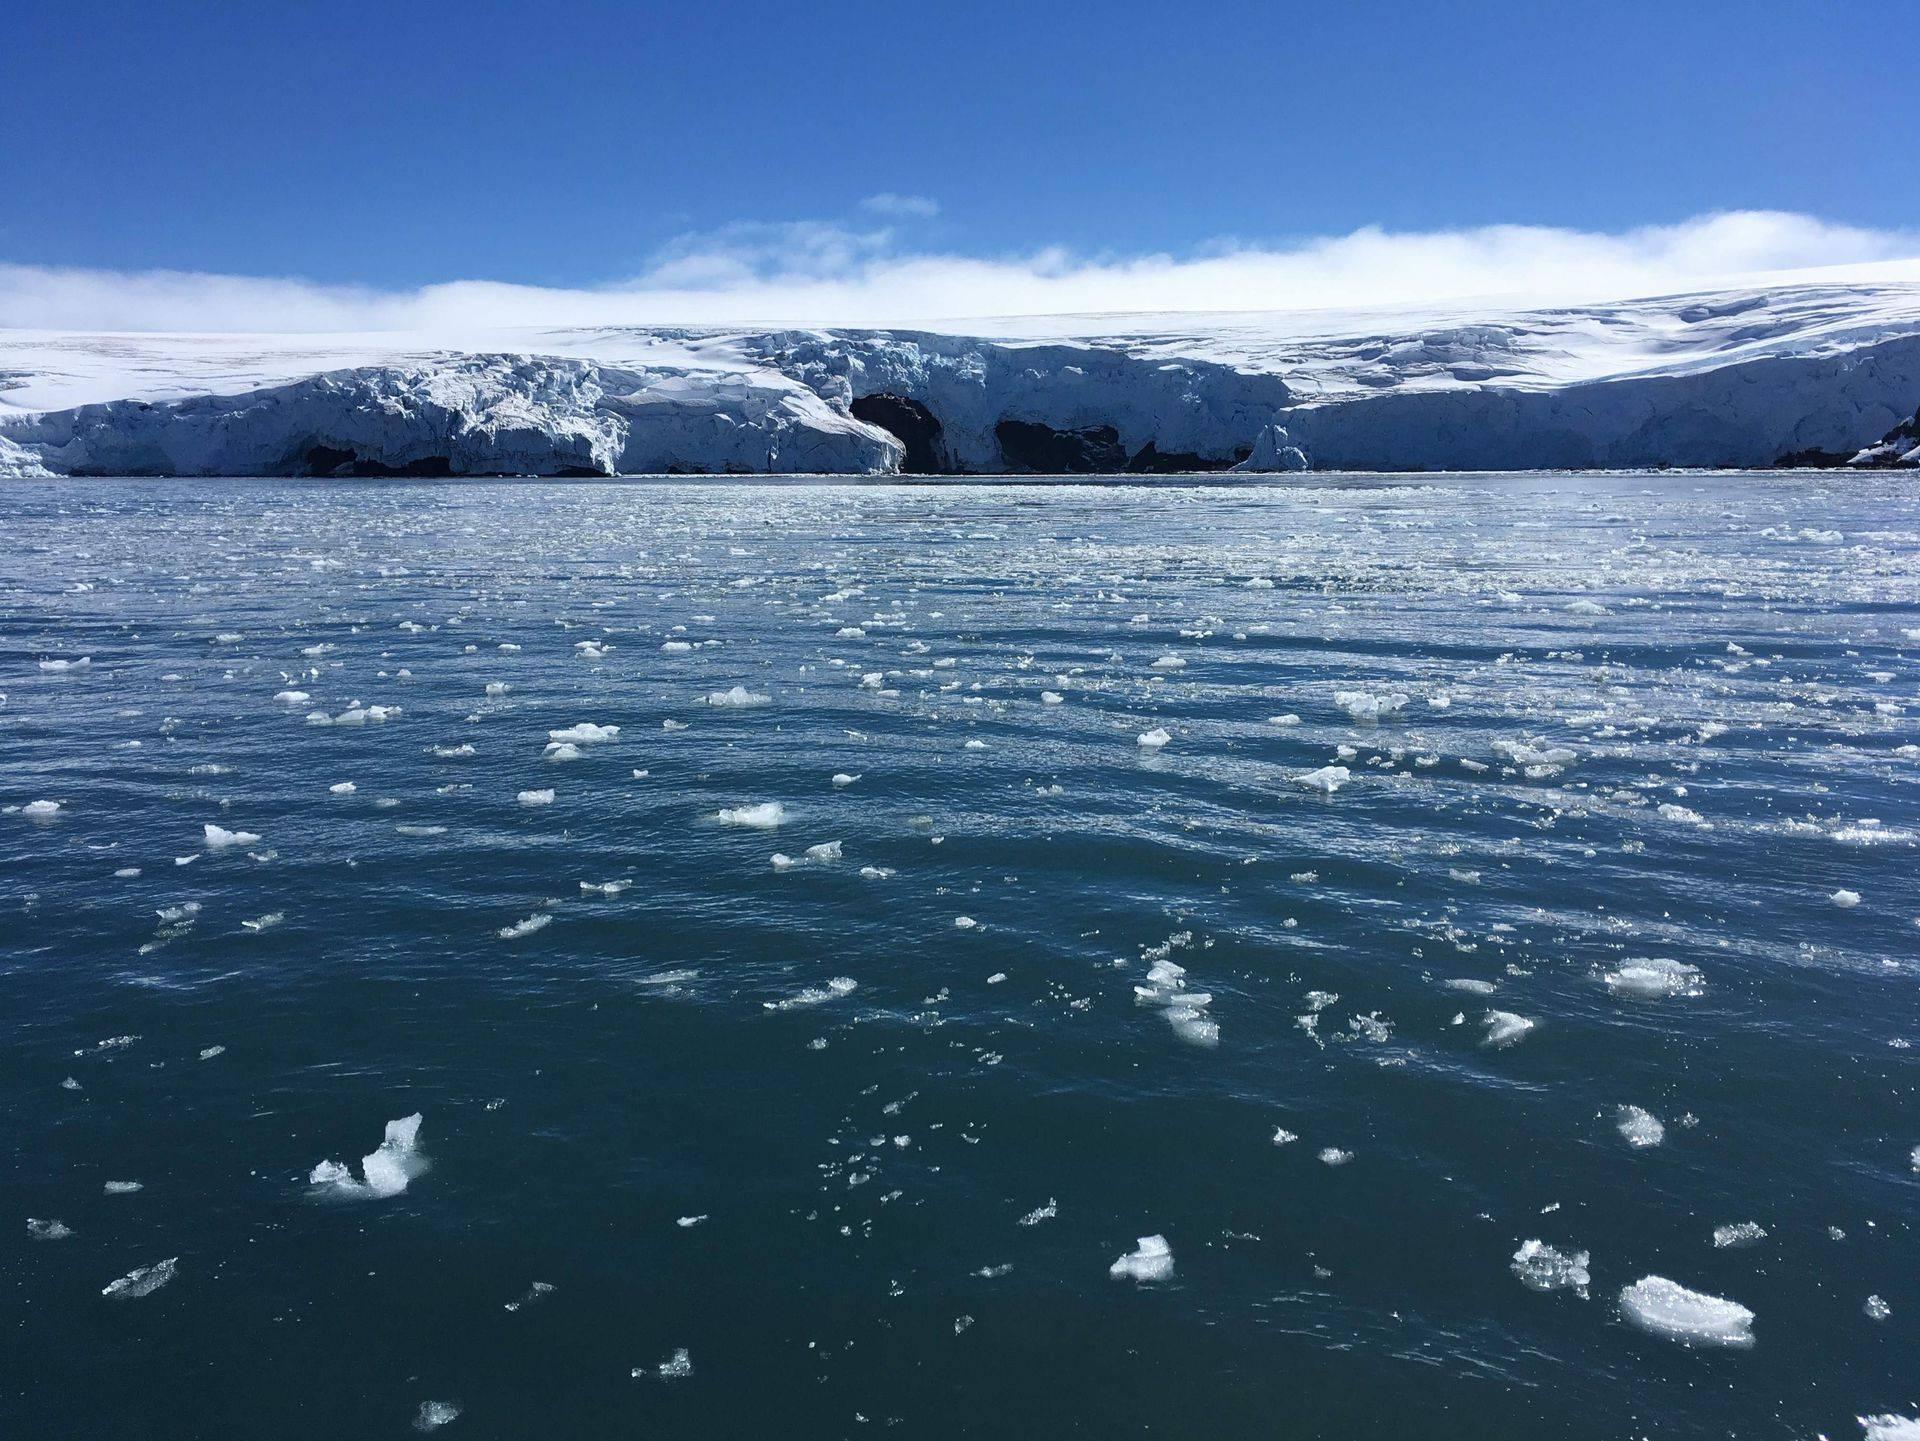 Livello del mare questo secolo 84 cm più alto con emissioni crescenti